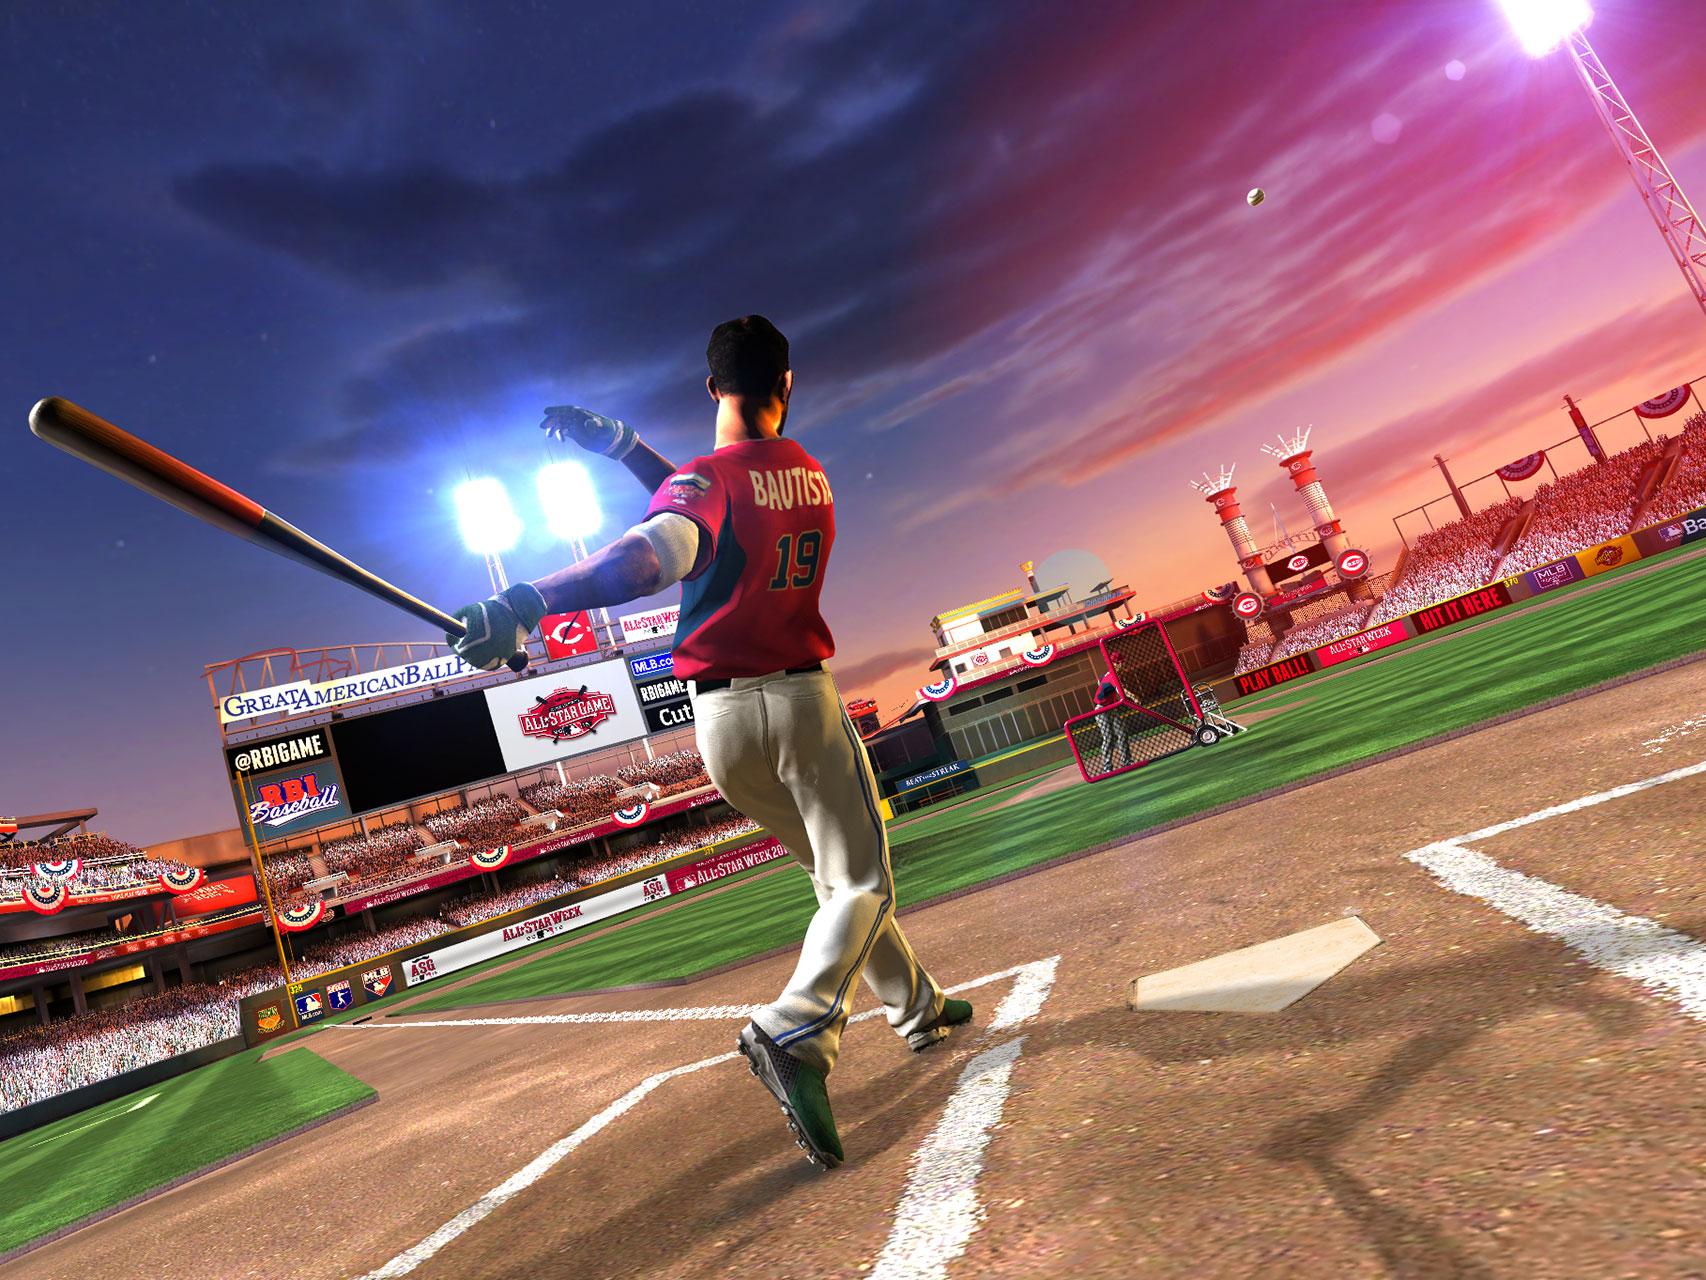 MLB.com Home Run Derby. Image via MLBAM